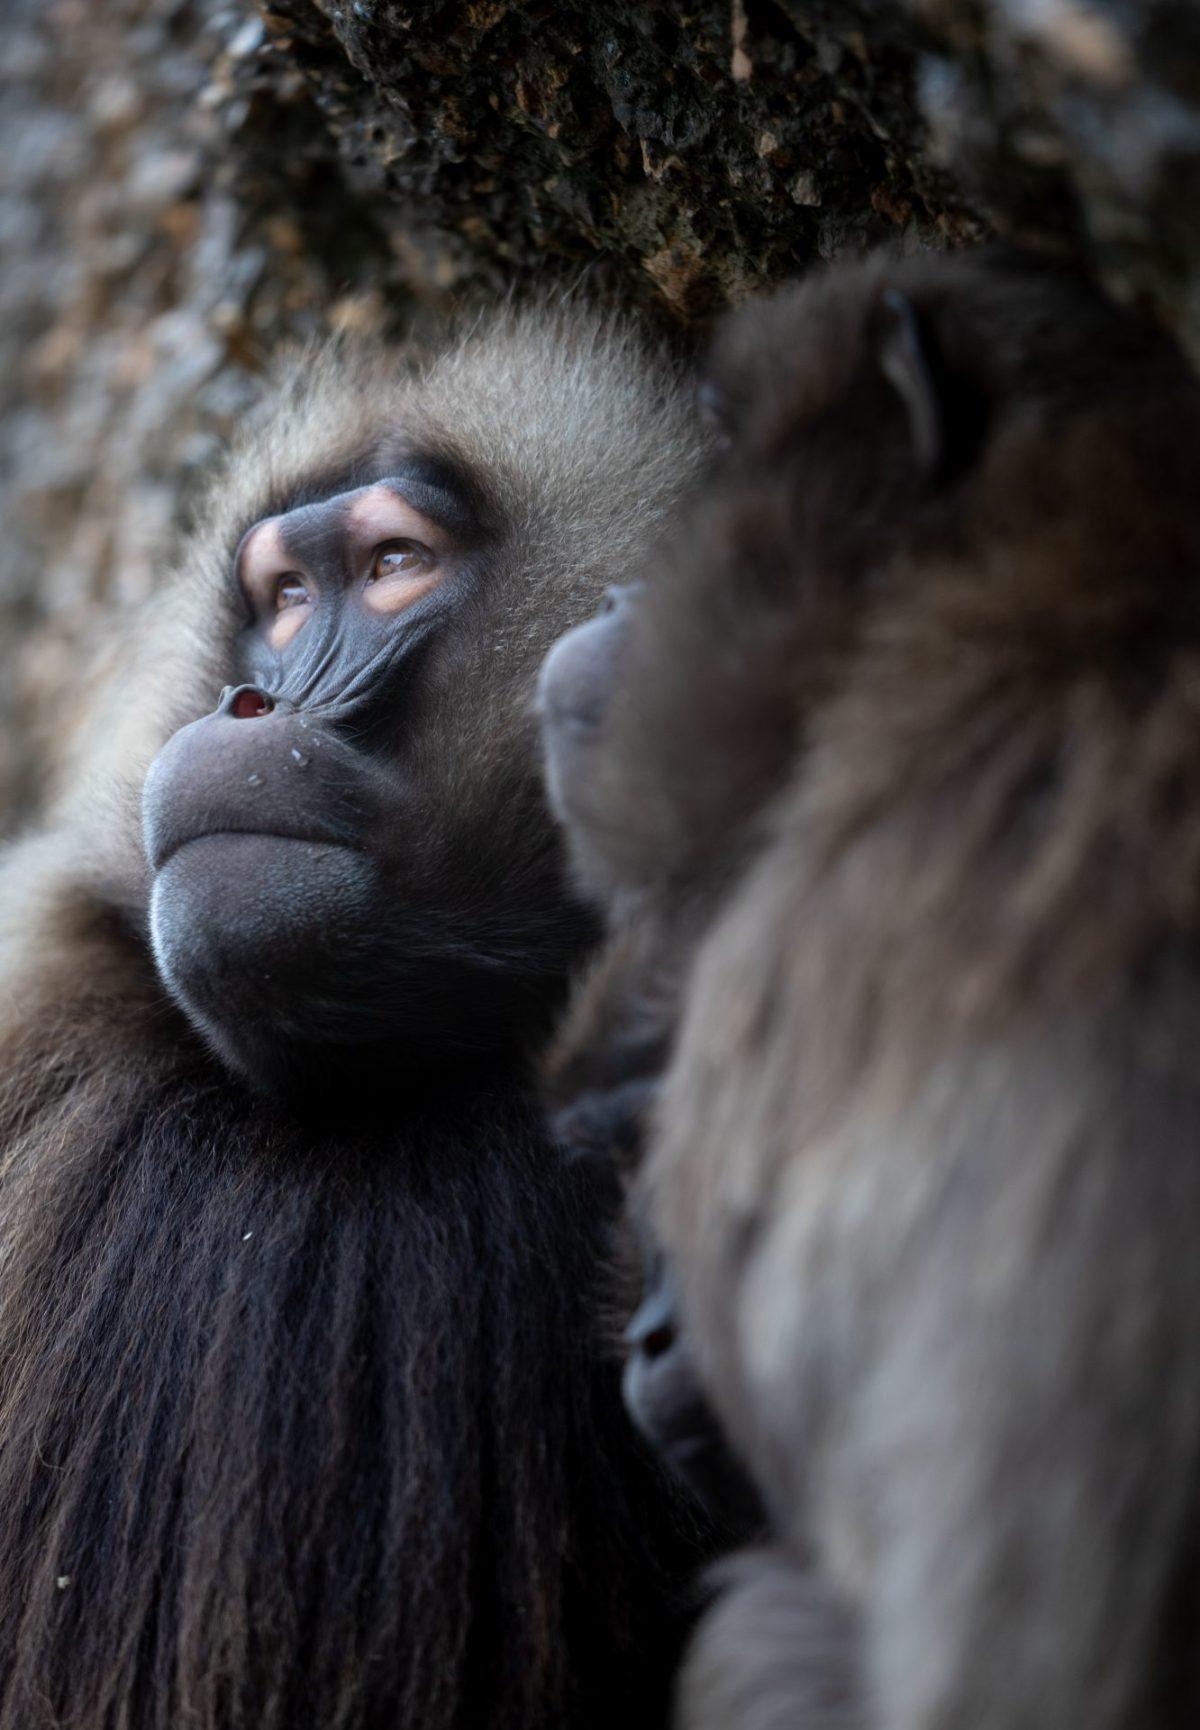 Monkey-02264